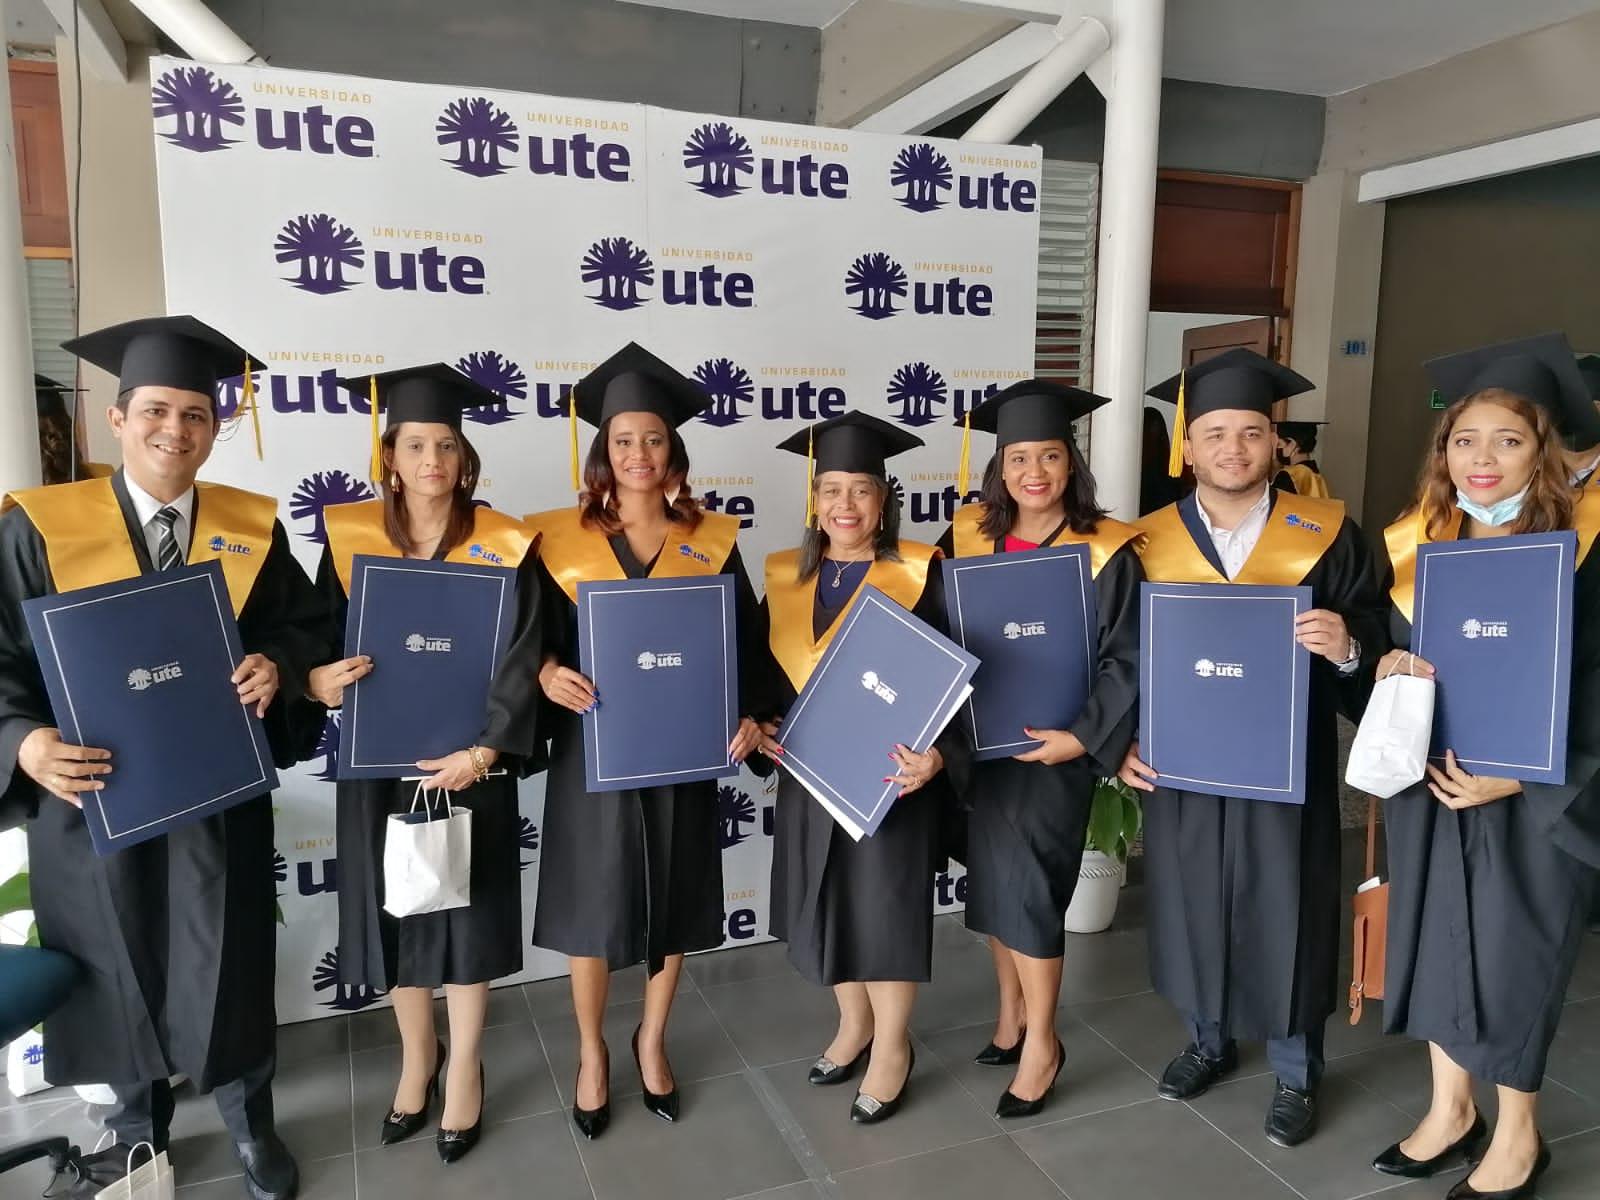 *UTE gradúa a 306 nuevos profesionales en carreras de Grado y Posgrado*